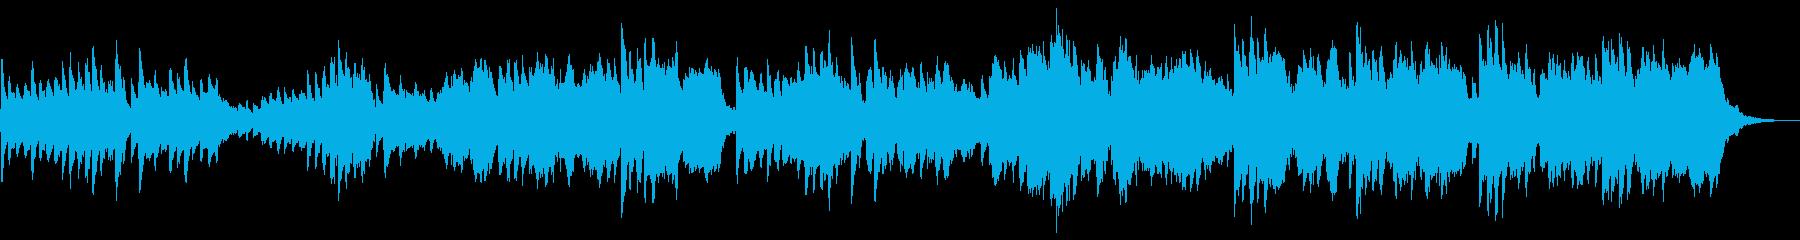 室内楽 クラシック 交響曲 アクテ...の再生済みの波形